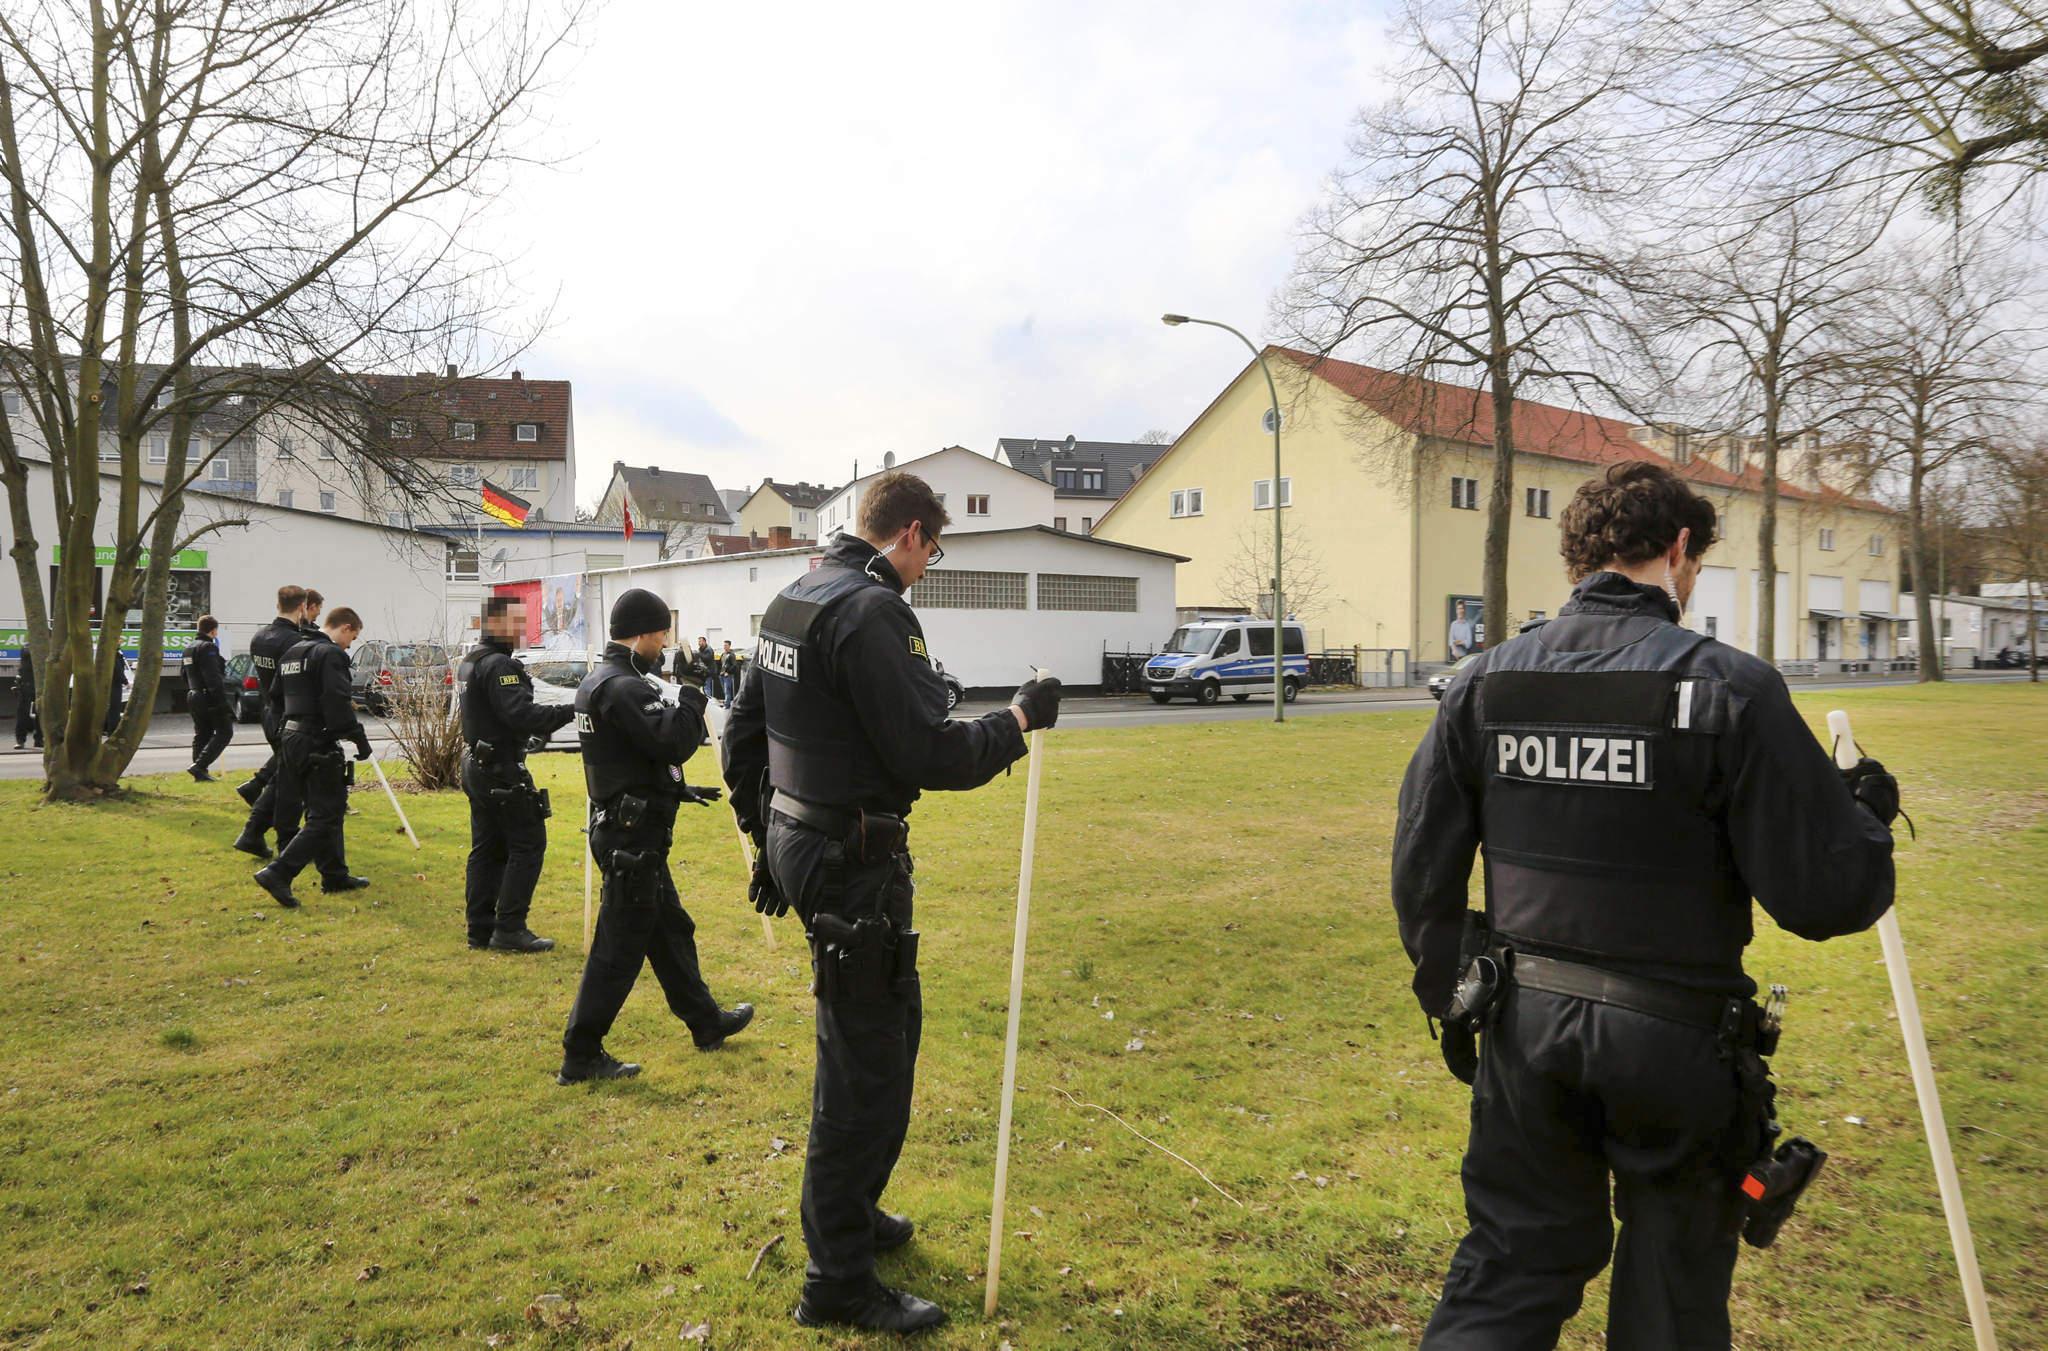 Brandanschlag auf Moschee Linkes Bekennerschreiben aufgetaucht